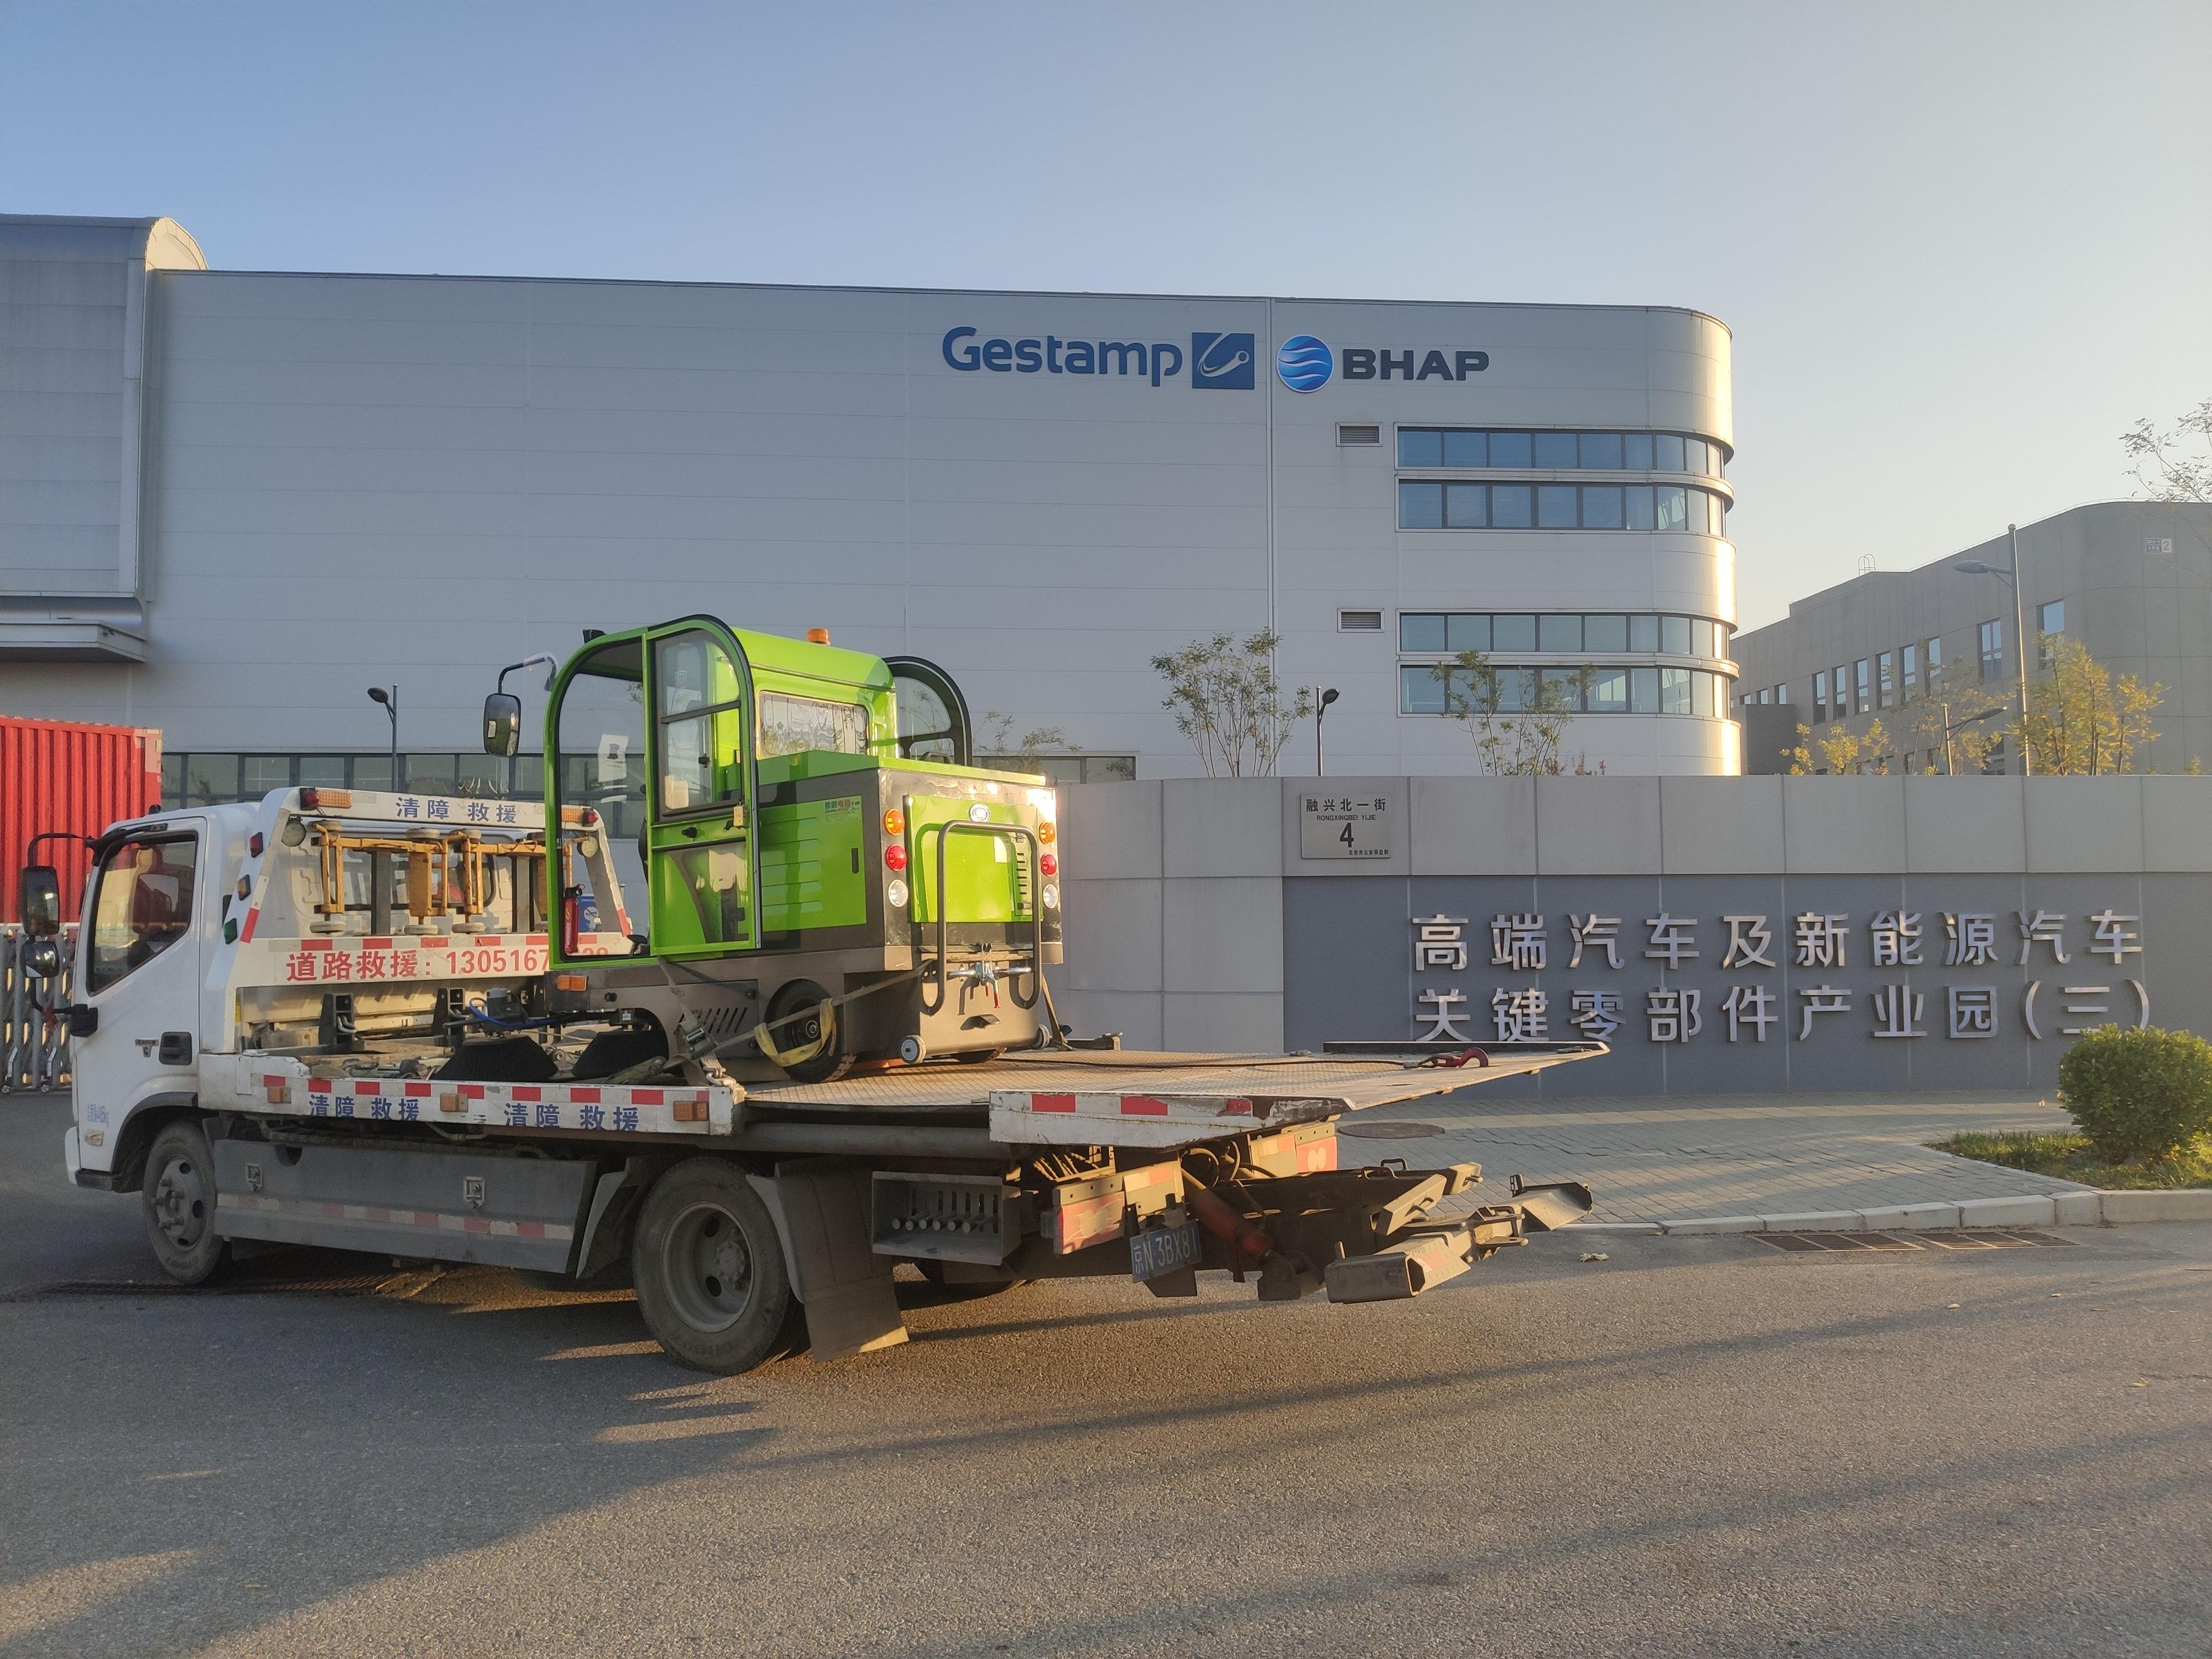 金恺扫地车入驻汽车关键零部件产业园  倡导城市绿色新能源!